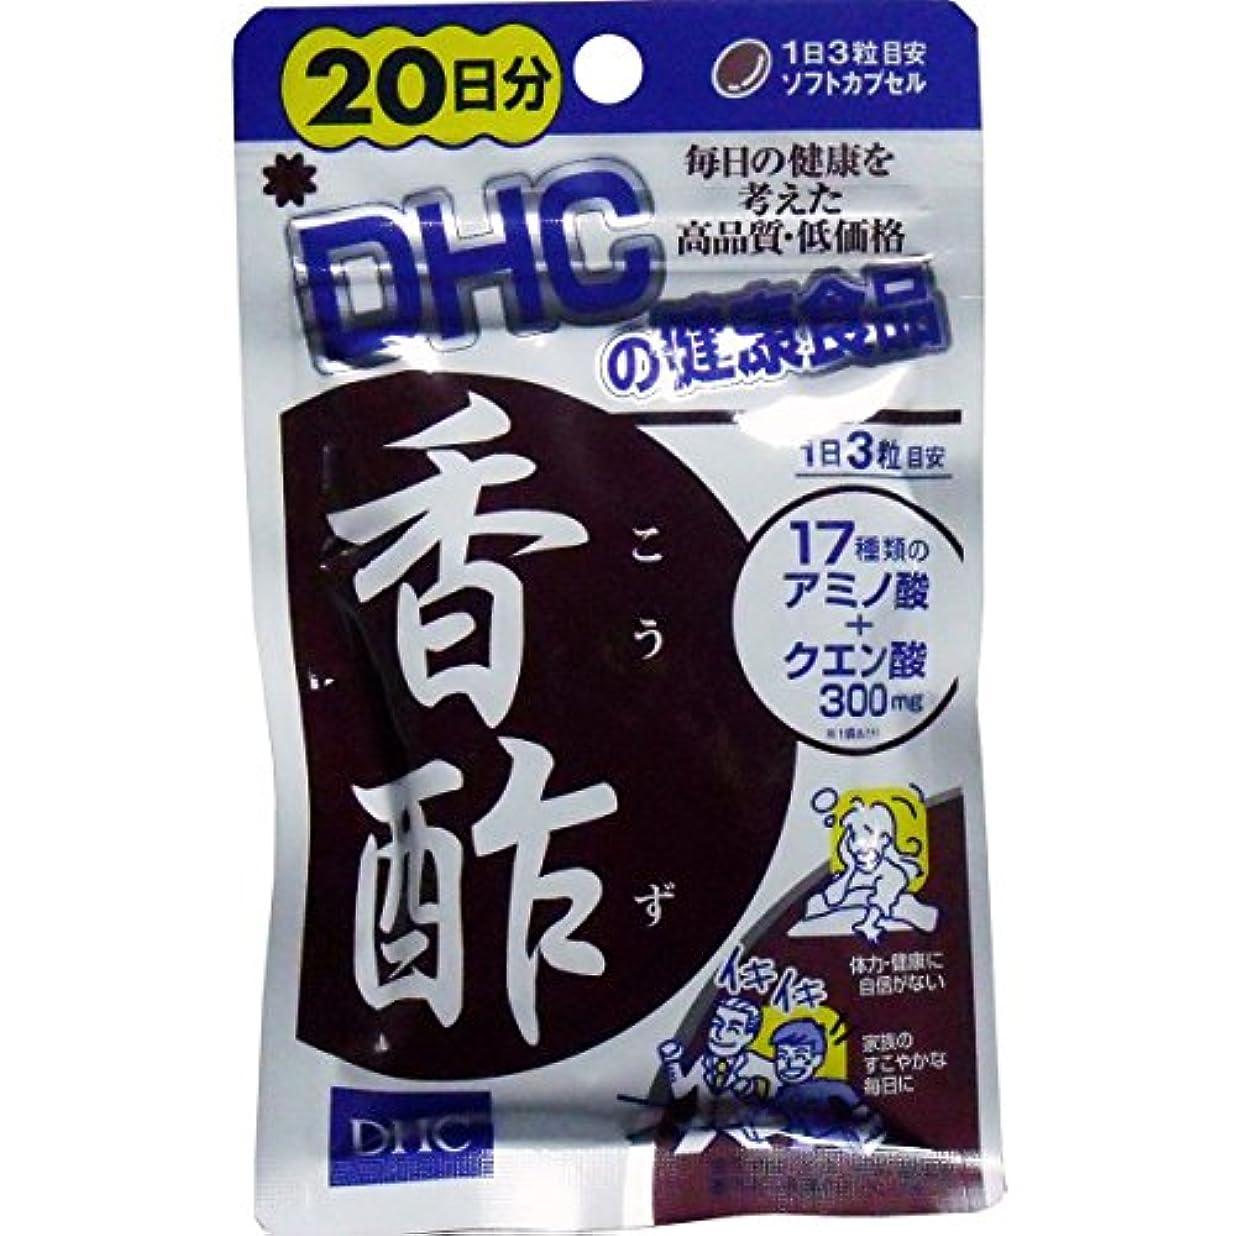 参照舗装する見るDHC サプリメント 香酢 60粒